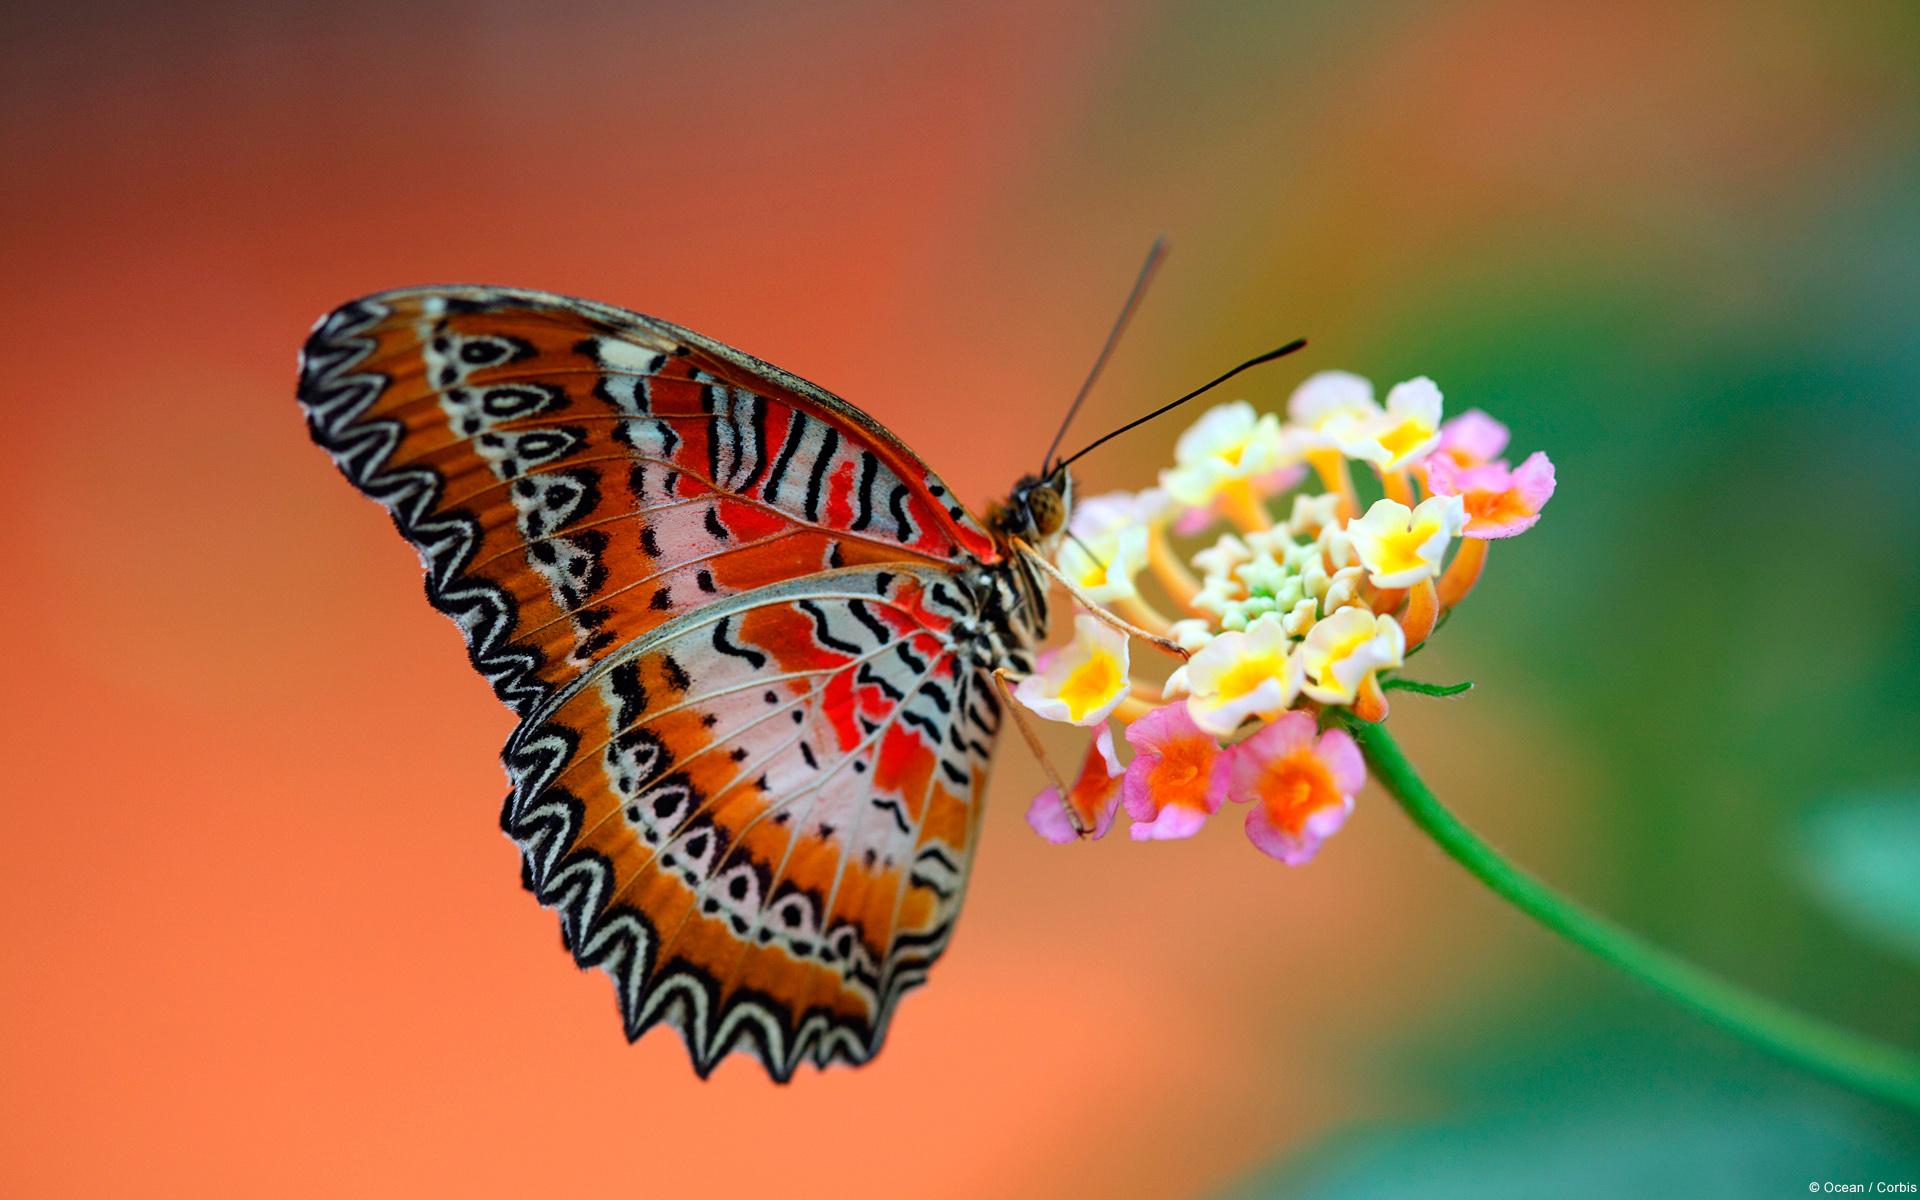 butterfly-on-flower-1 copy.jpg